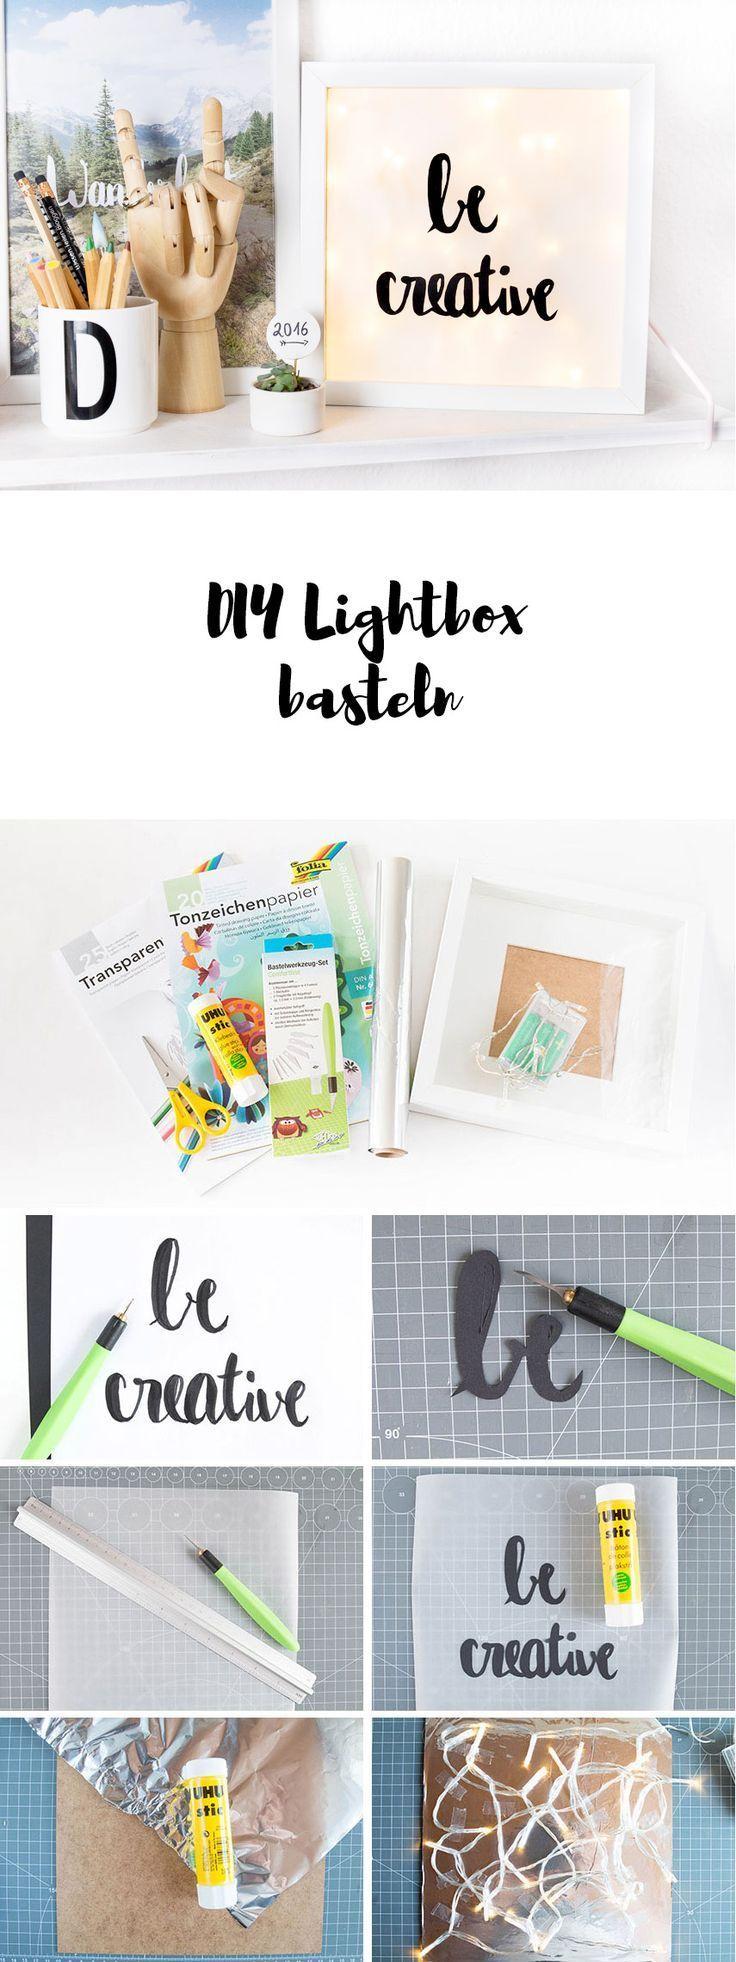 17 best Bilder gestalten images on Pinterest | Crafts, Bricolage and ...